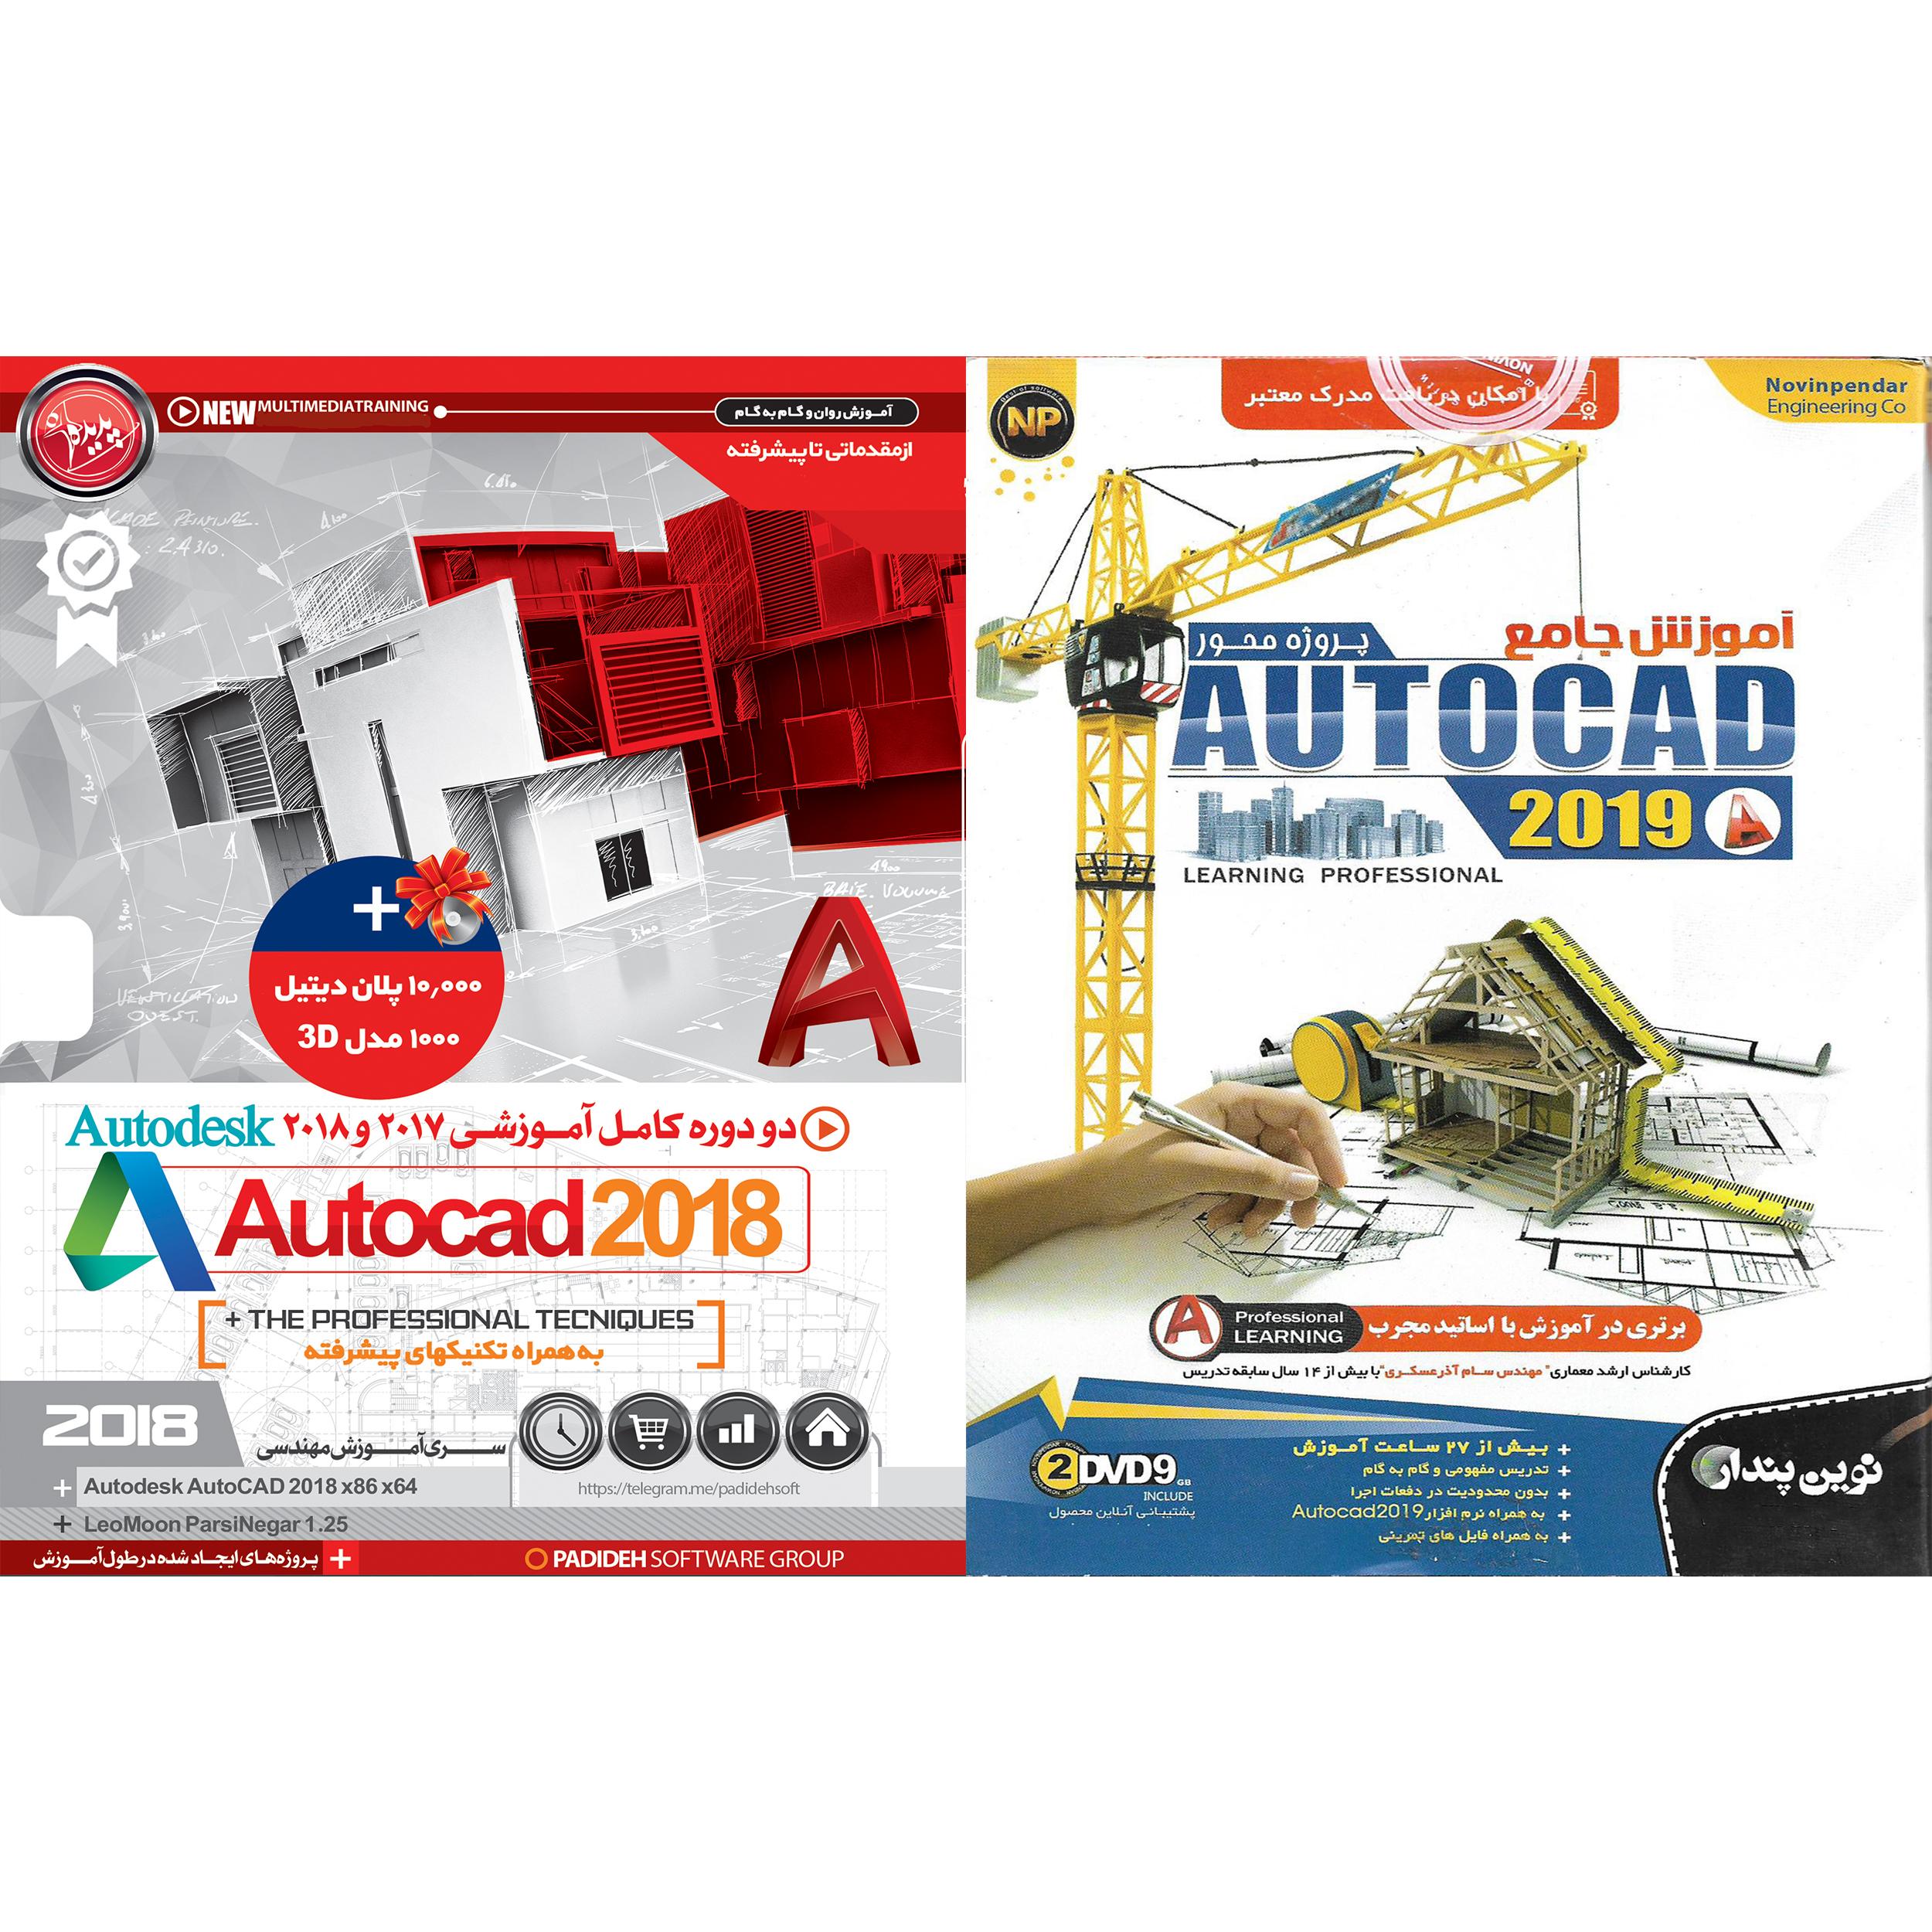 نرم افزار آموزش پروژه محور AUTOCAD 2019 نشر نوین پندار به همراه نرم افزار آموزش AUTOCAD 2018 نشر پدیده